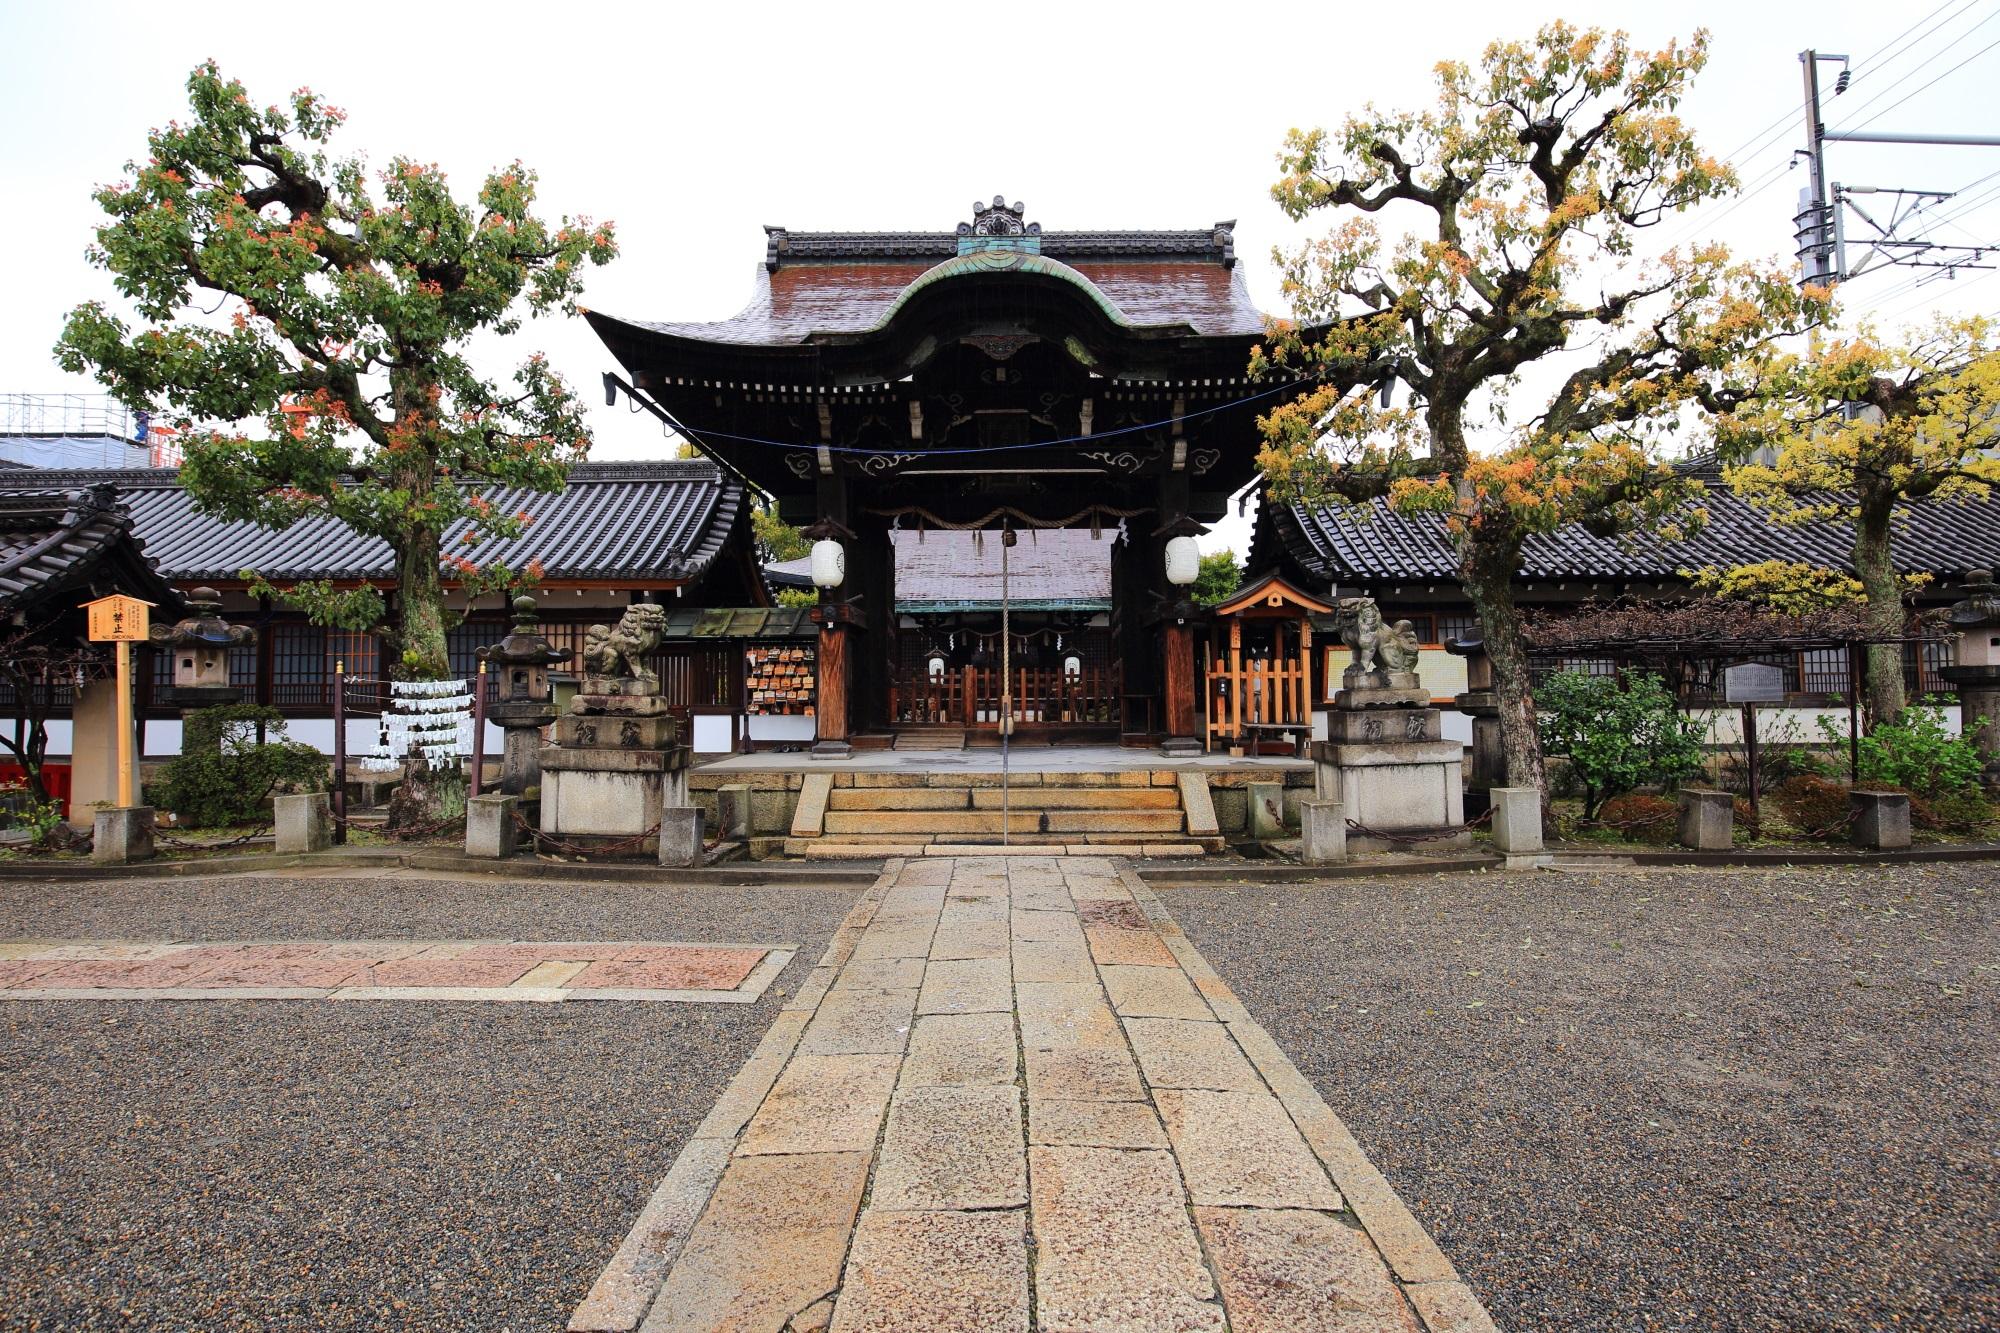 立派な木が見守る六孫王神社の拝殿と本殿